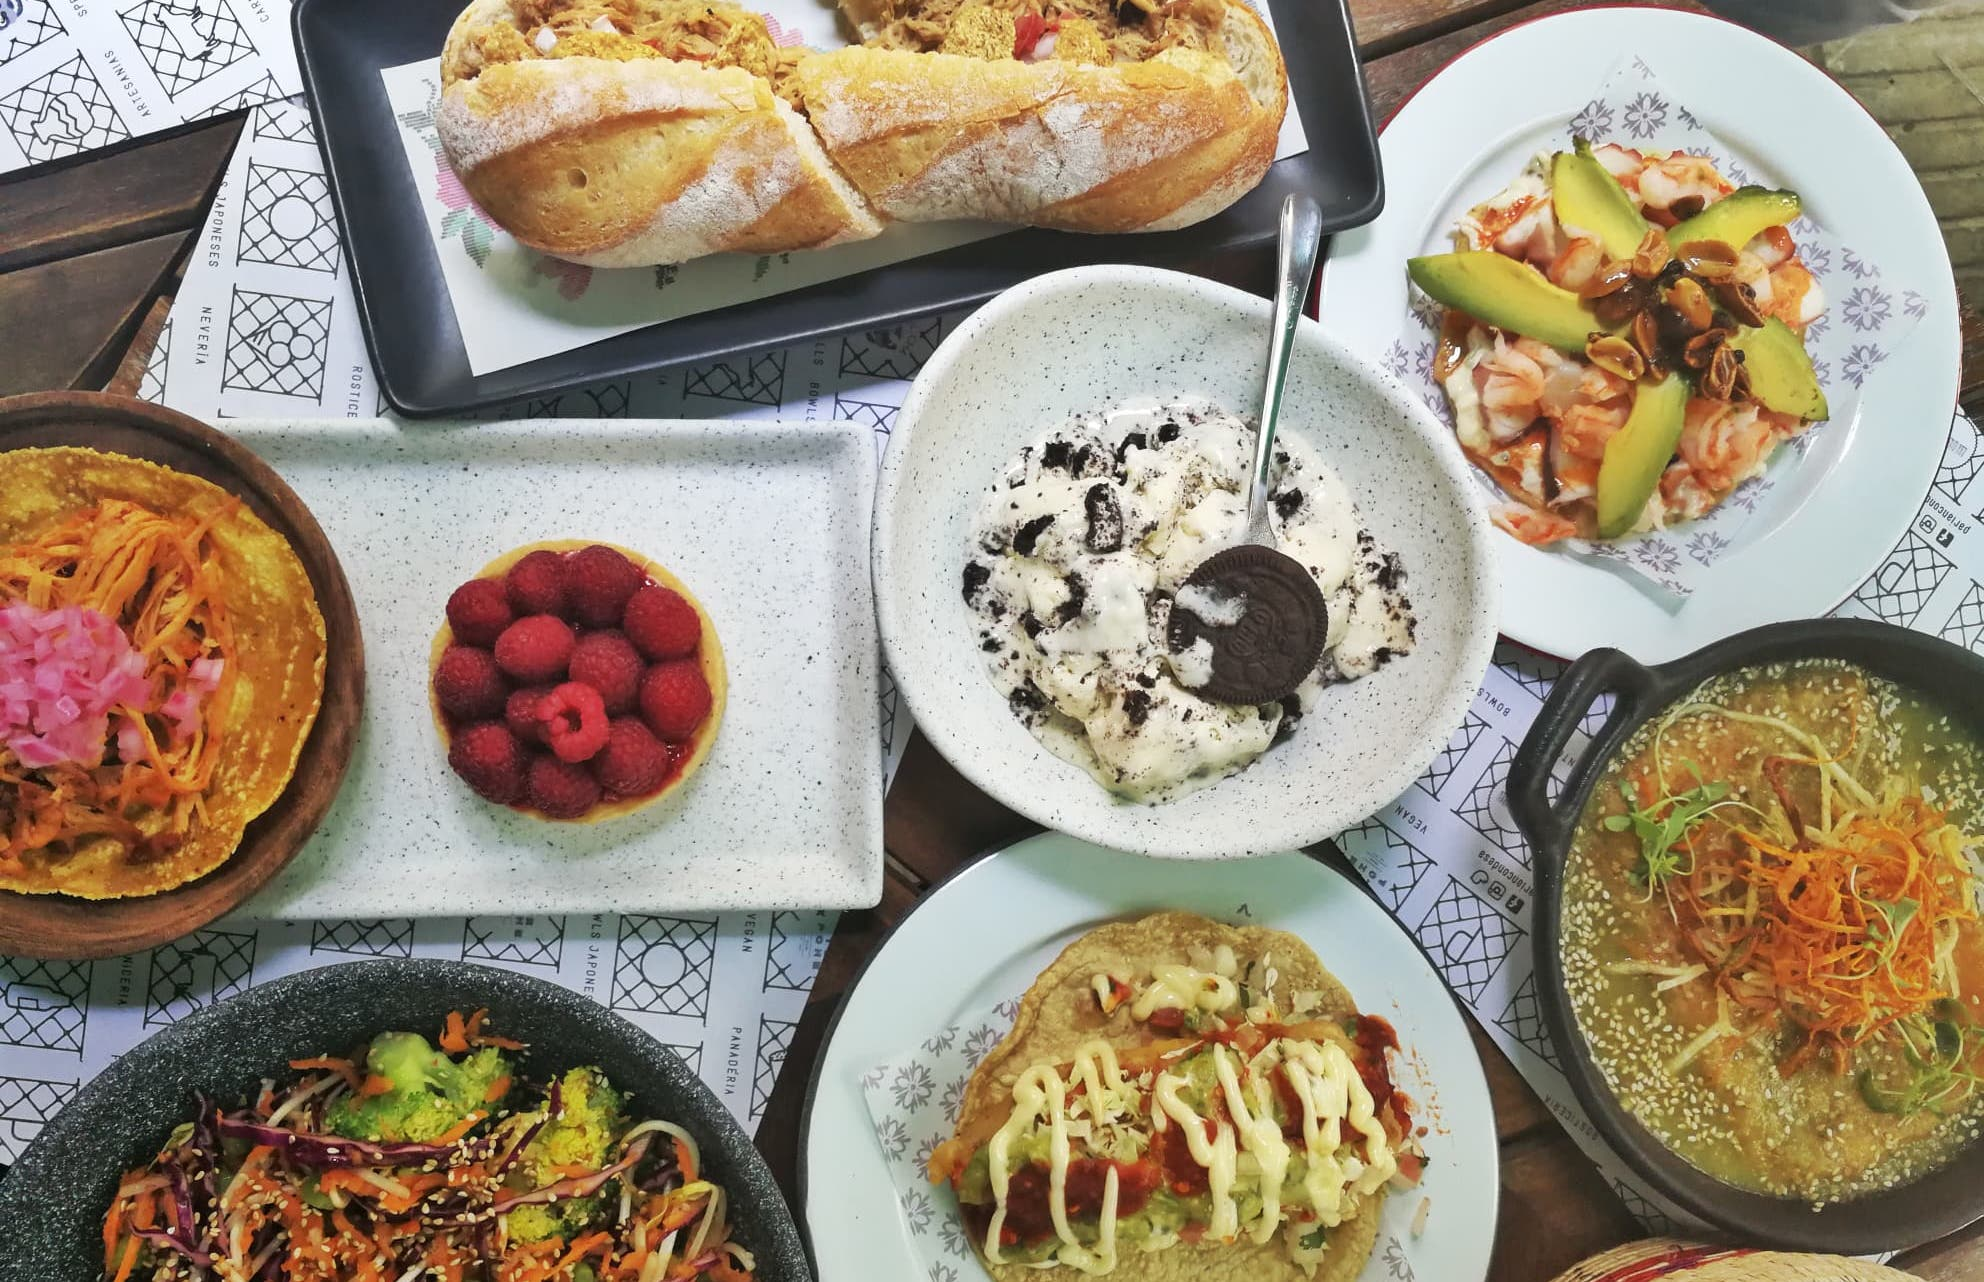 Parián Condesa incorpora nuevas propuestas gourmet a sus filas